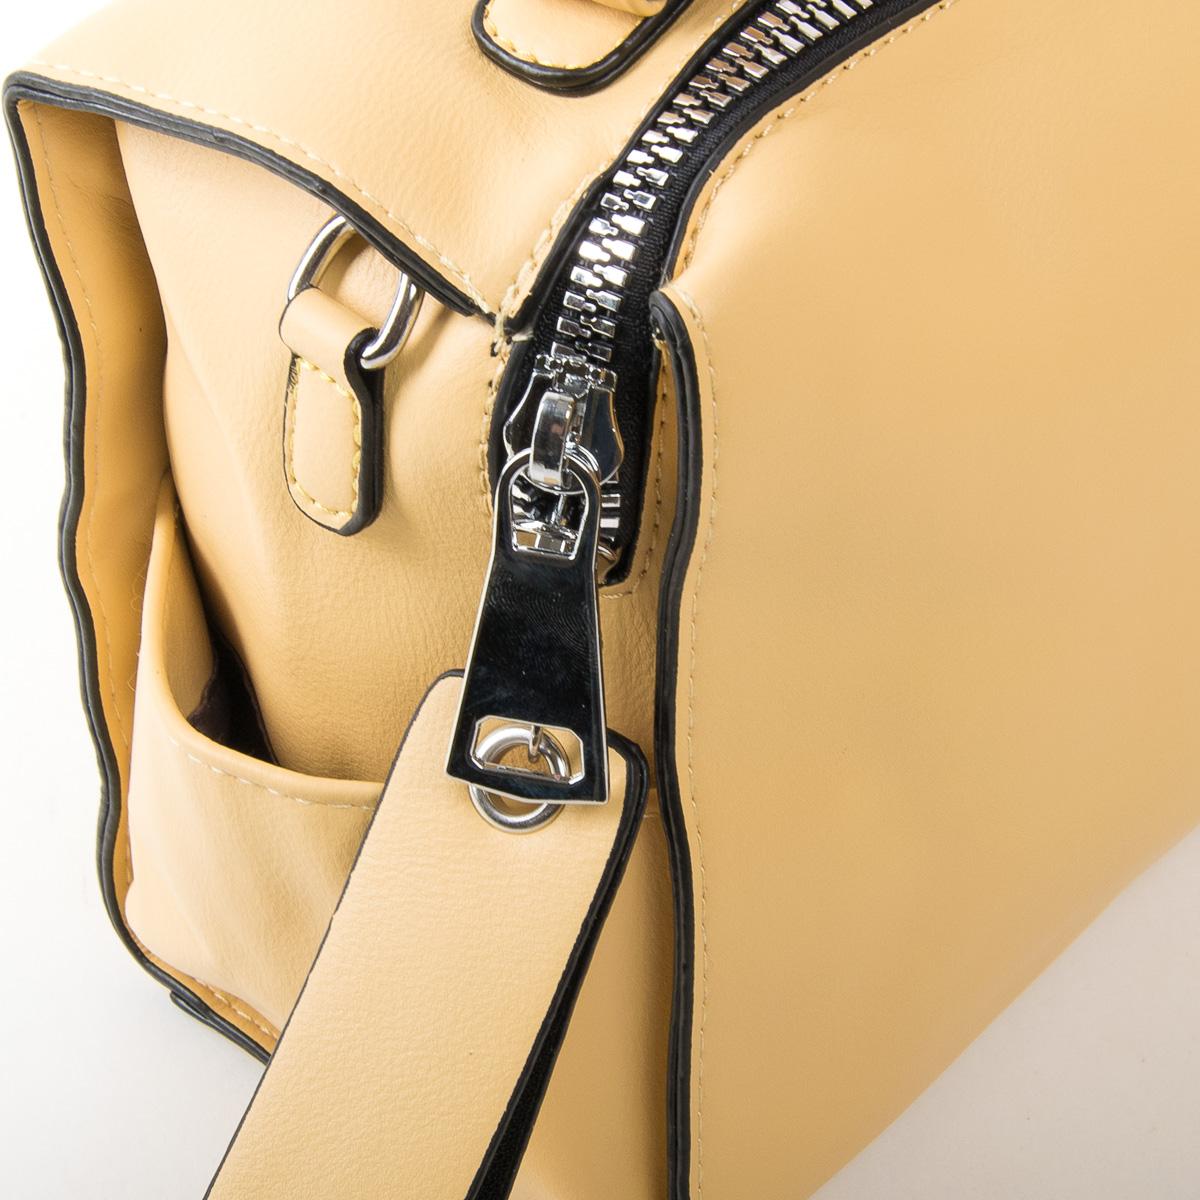 Сумка Женская Классическая иск-кожа FASHION 01-01 11053 yellow - фото 3